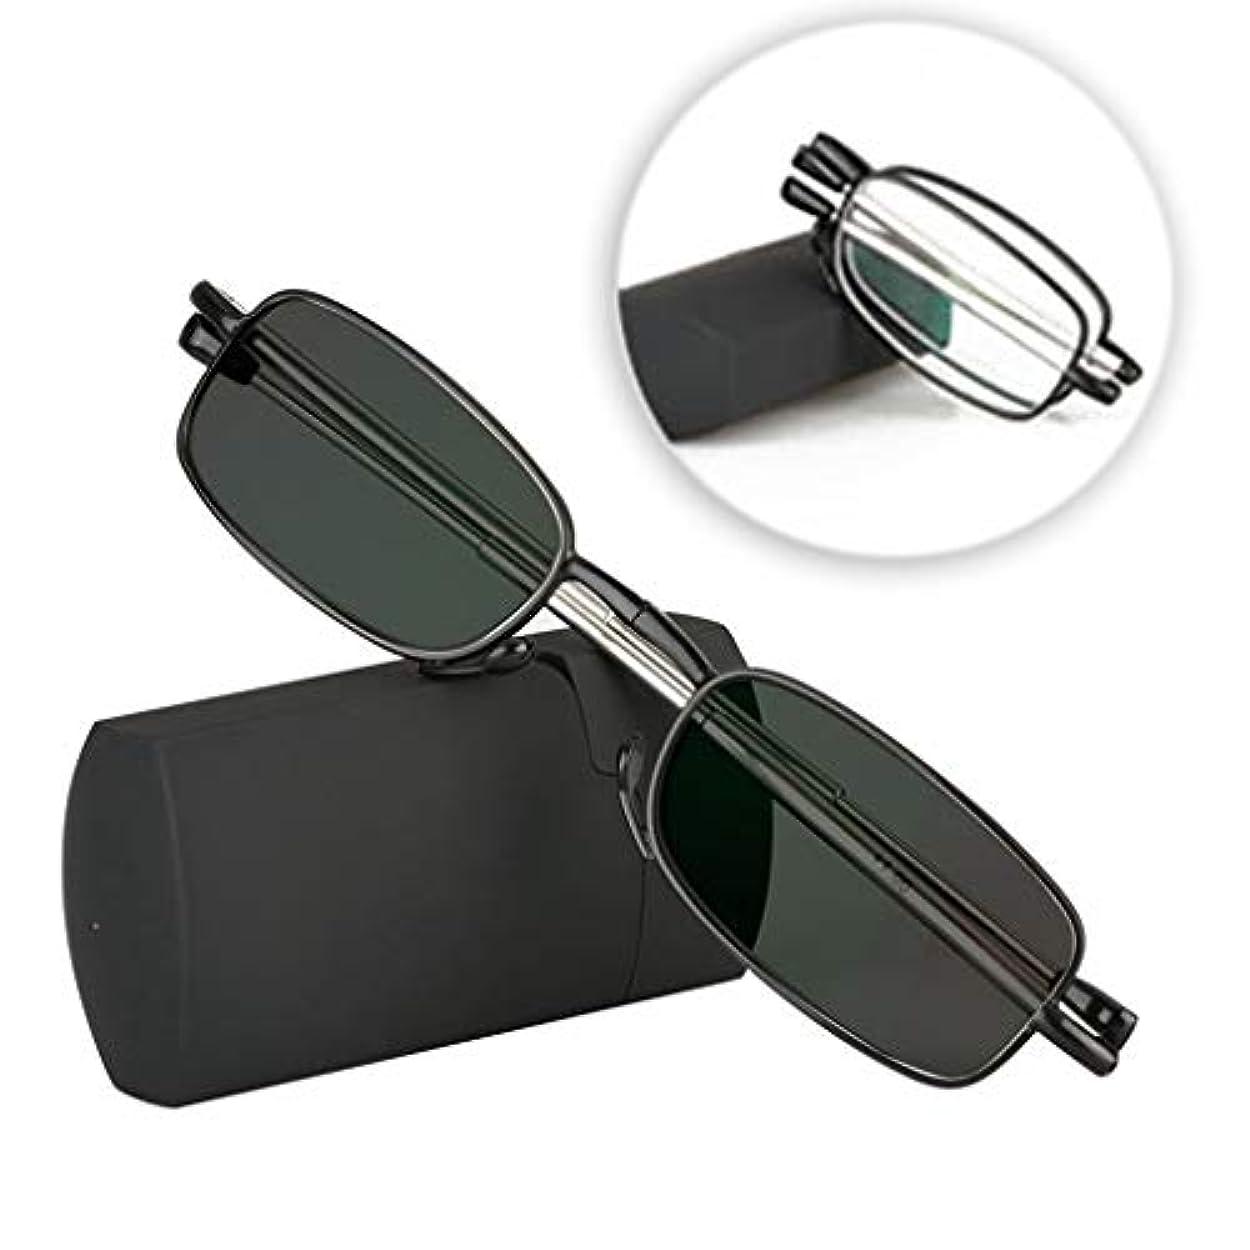 老眼鏡軽量UV保護老眼鏡防眩ファッション折り畳み式リーダーケース付き男女用読書用眼鏡